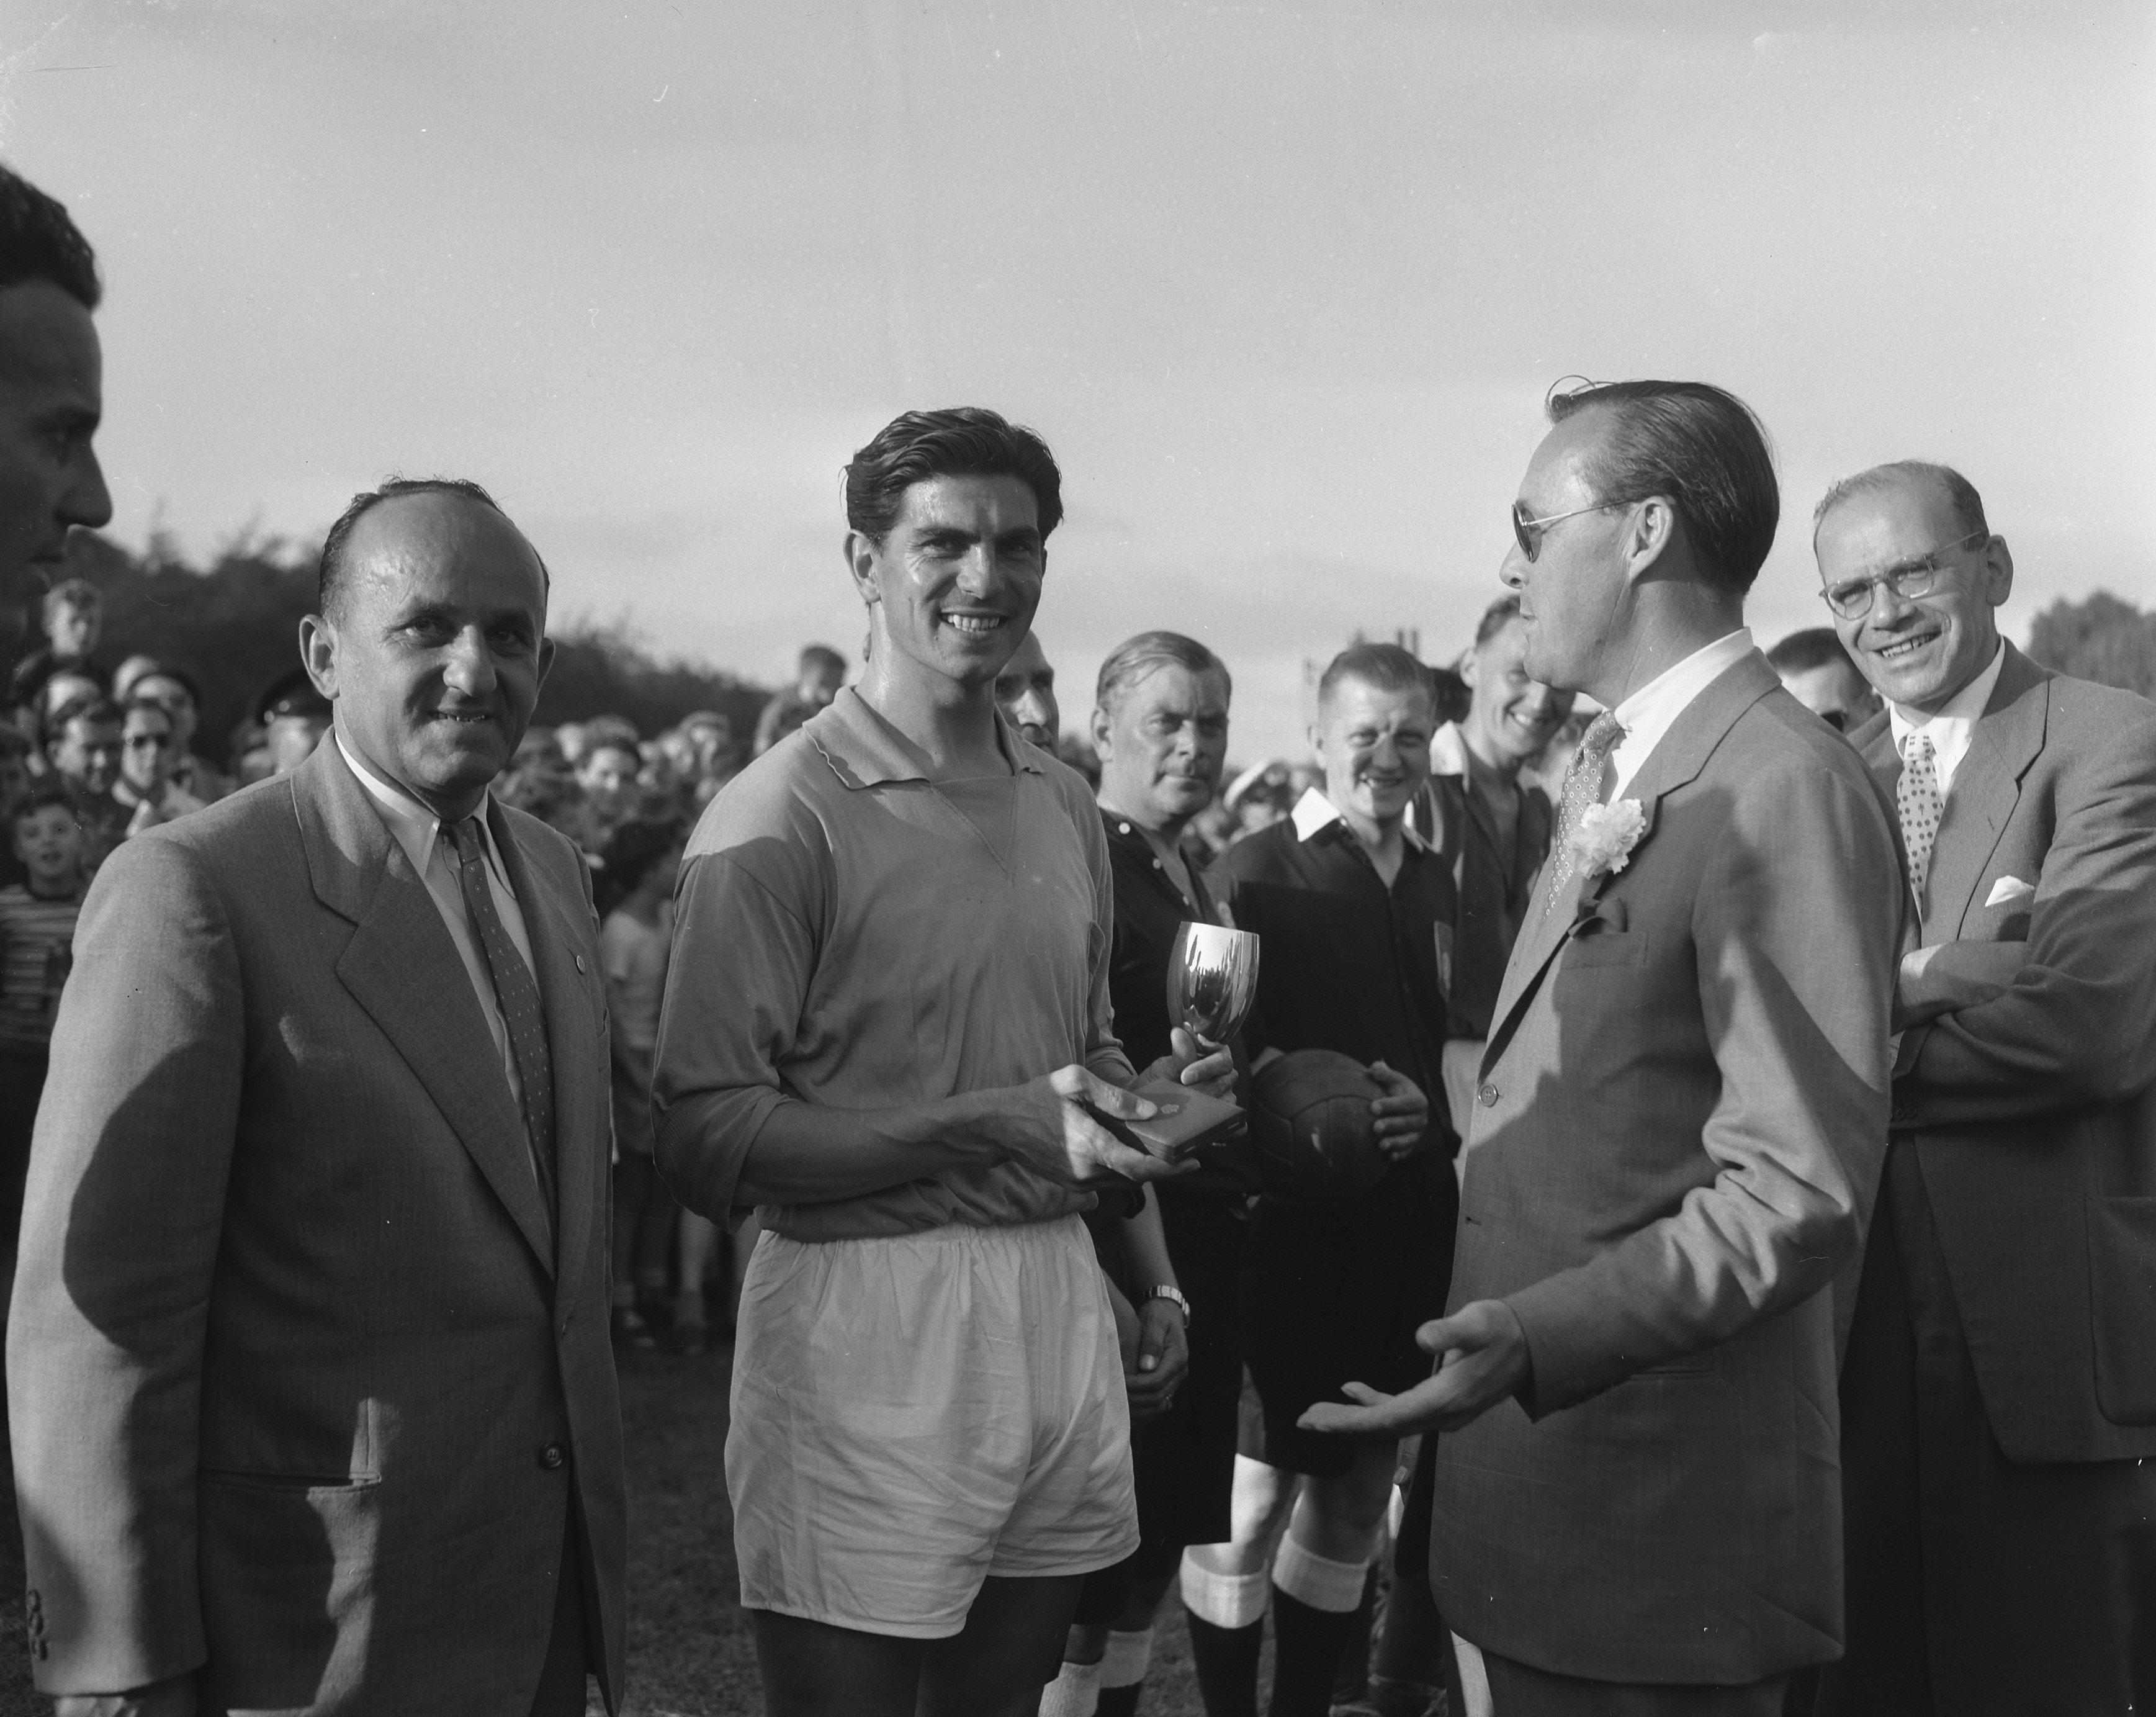 Alkmaar tegen Fortuna '54 om de Prins Bernhardbeker. Sportveld Paleis Soestdijk. Prins Bernhard met Frans de Munck. (Foto Harry Pot/Anefo, 1956, Nationaal Archief)